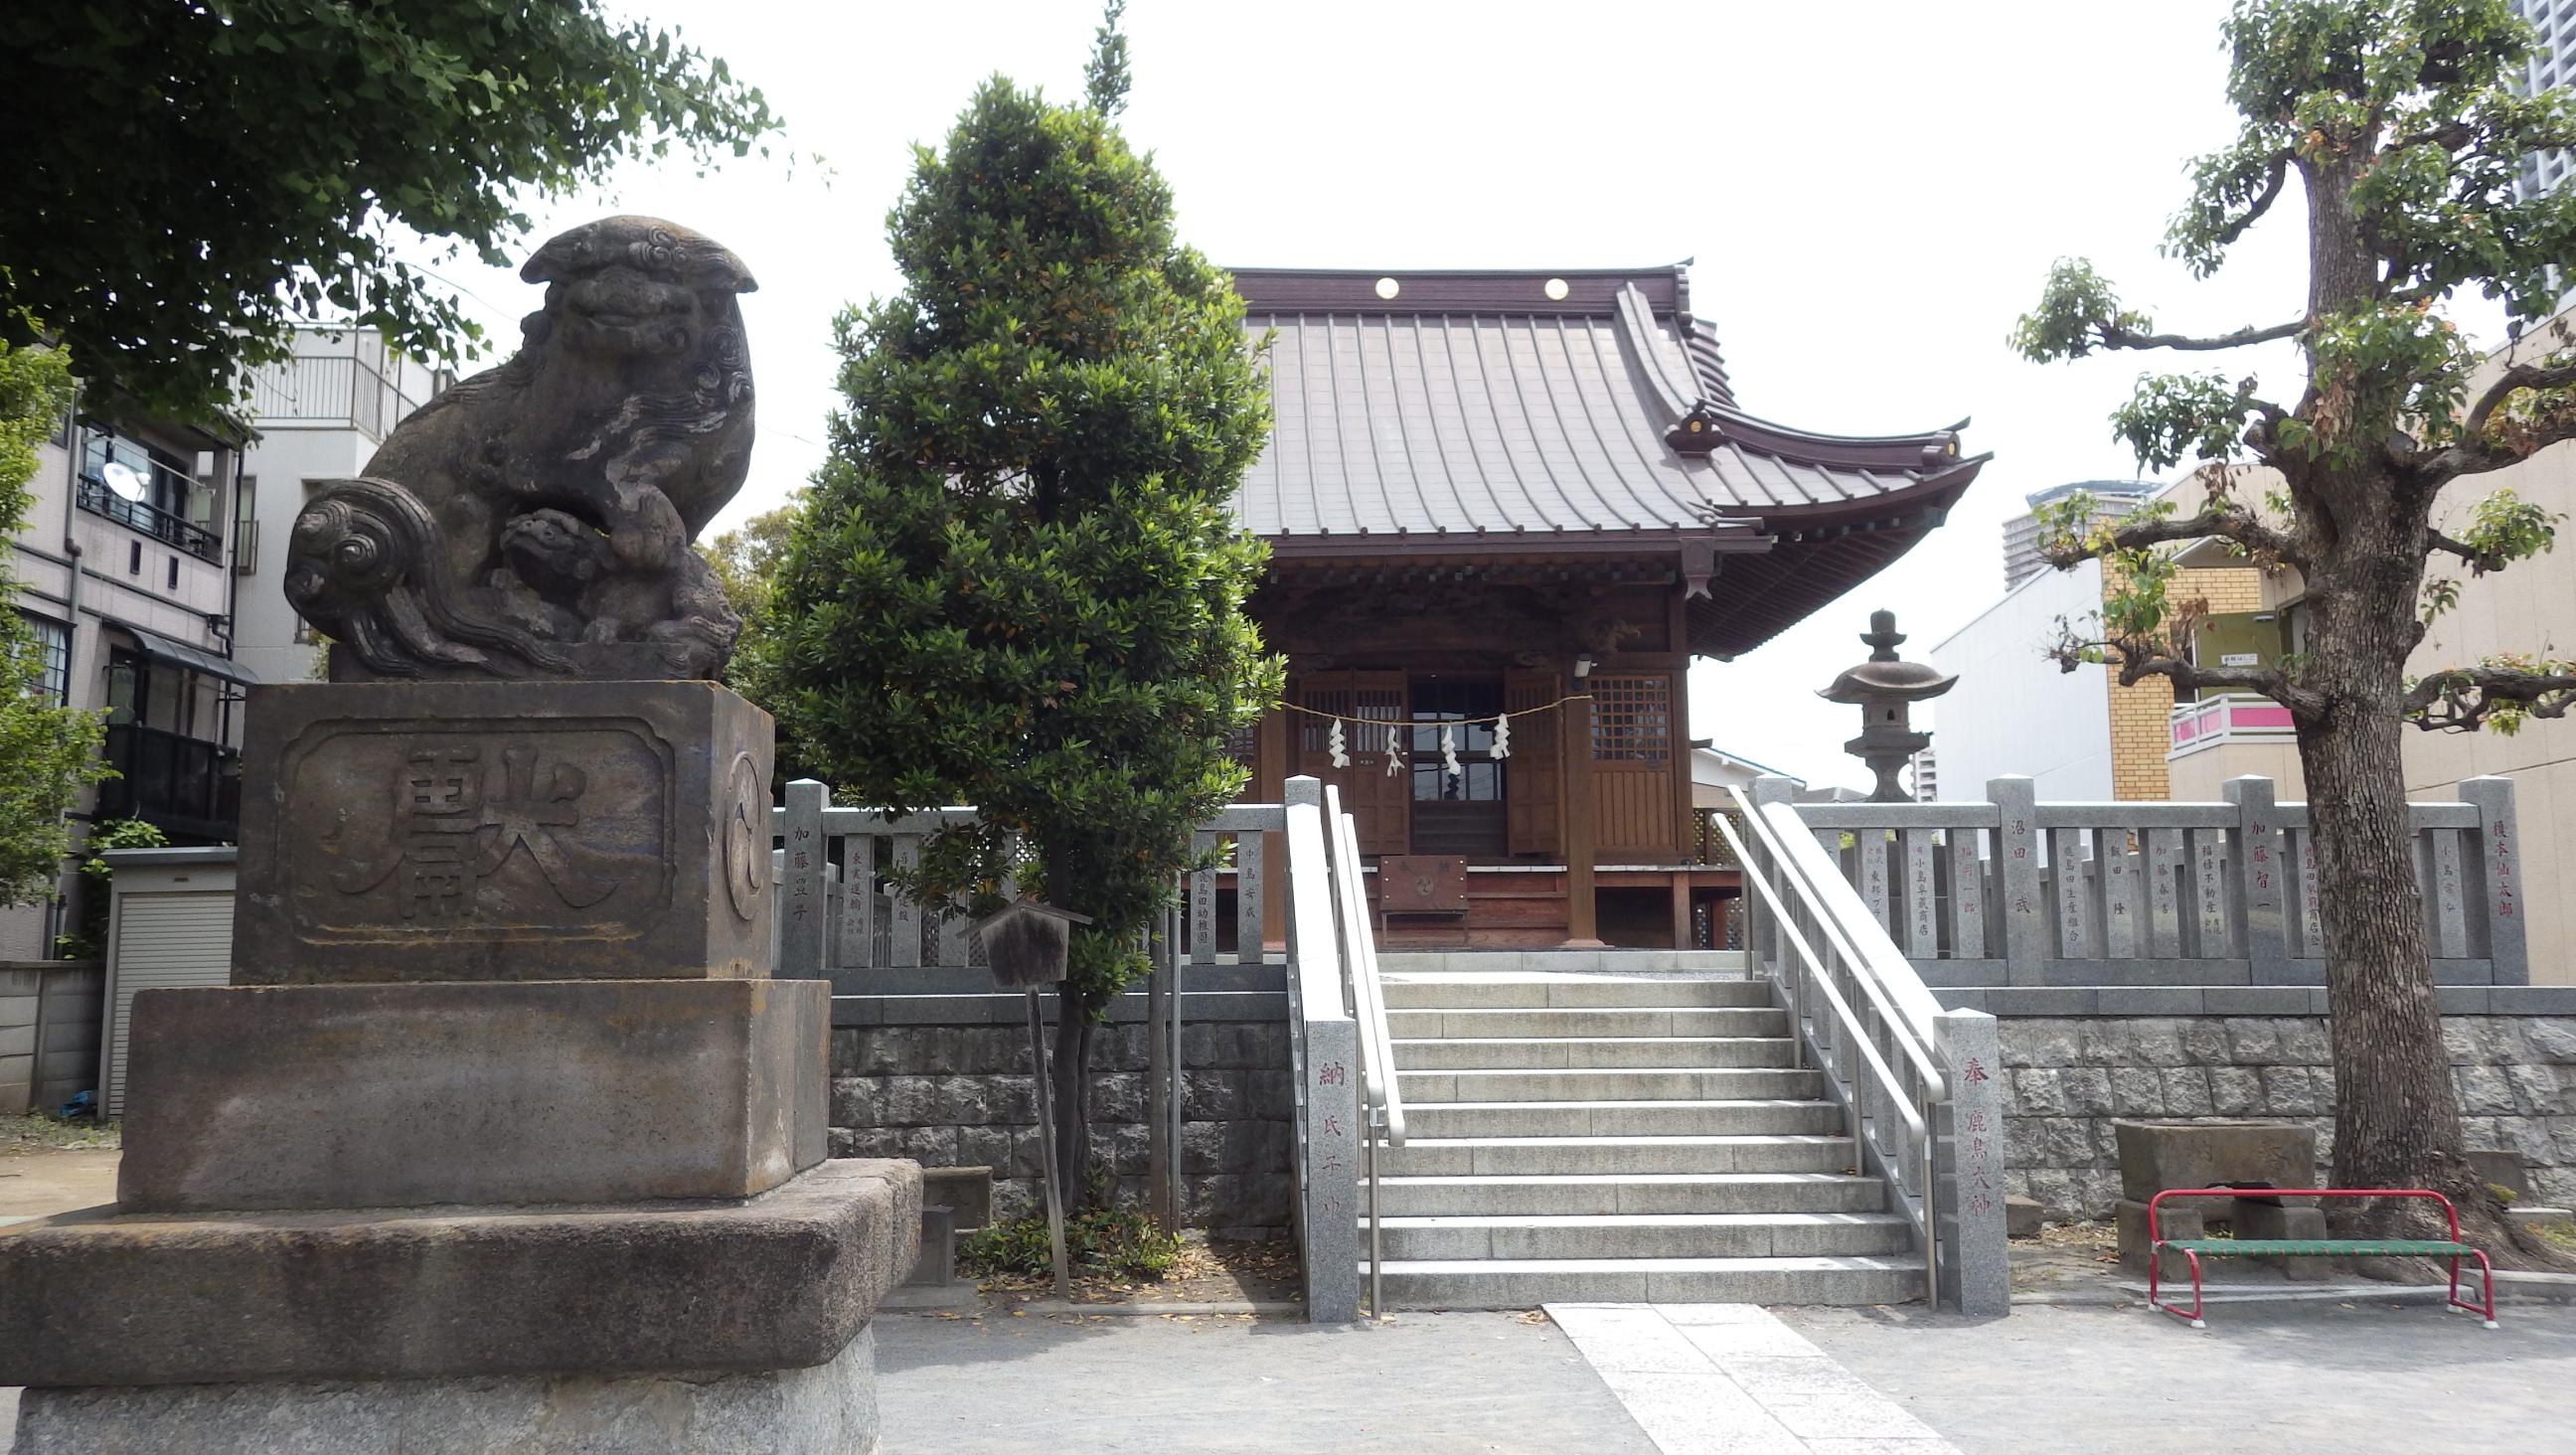 さいわい歴史ガイドマップ 鹿島田〜塚越付近